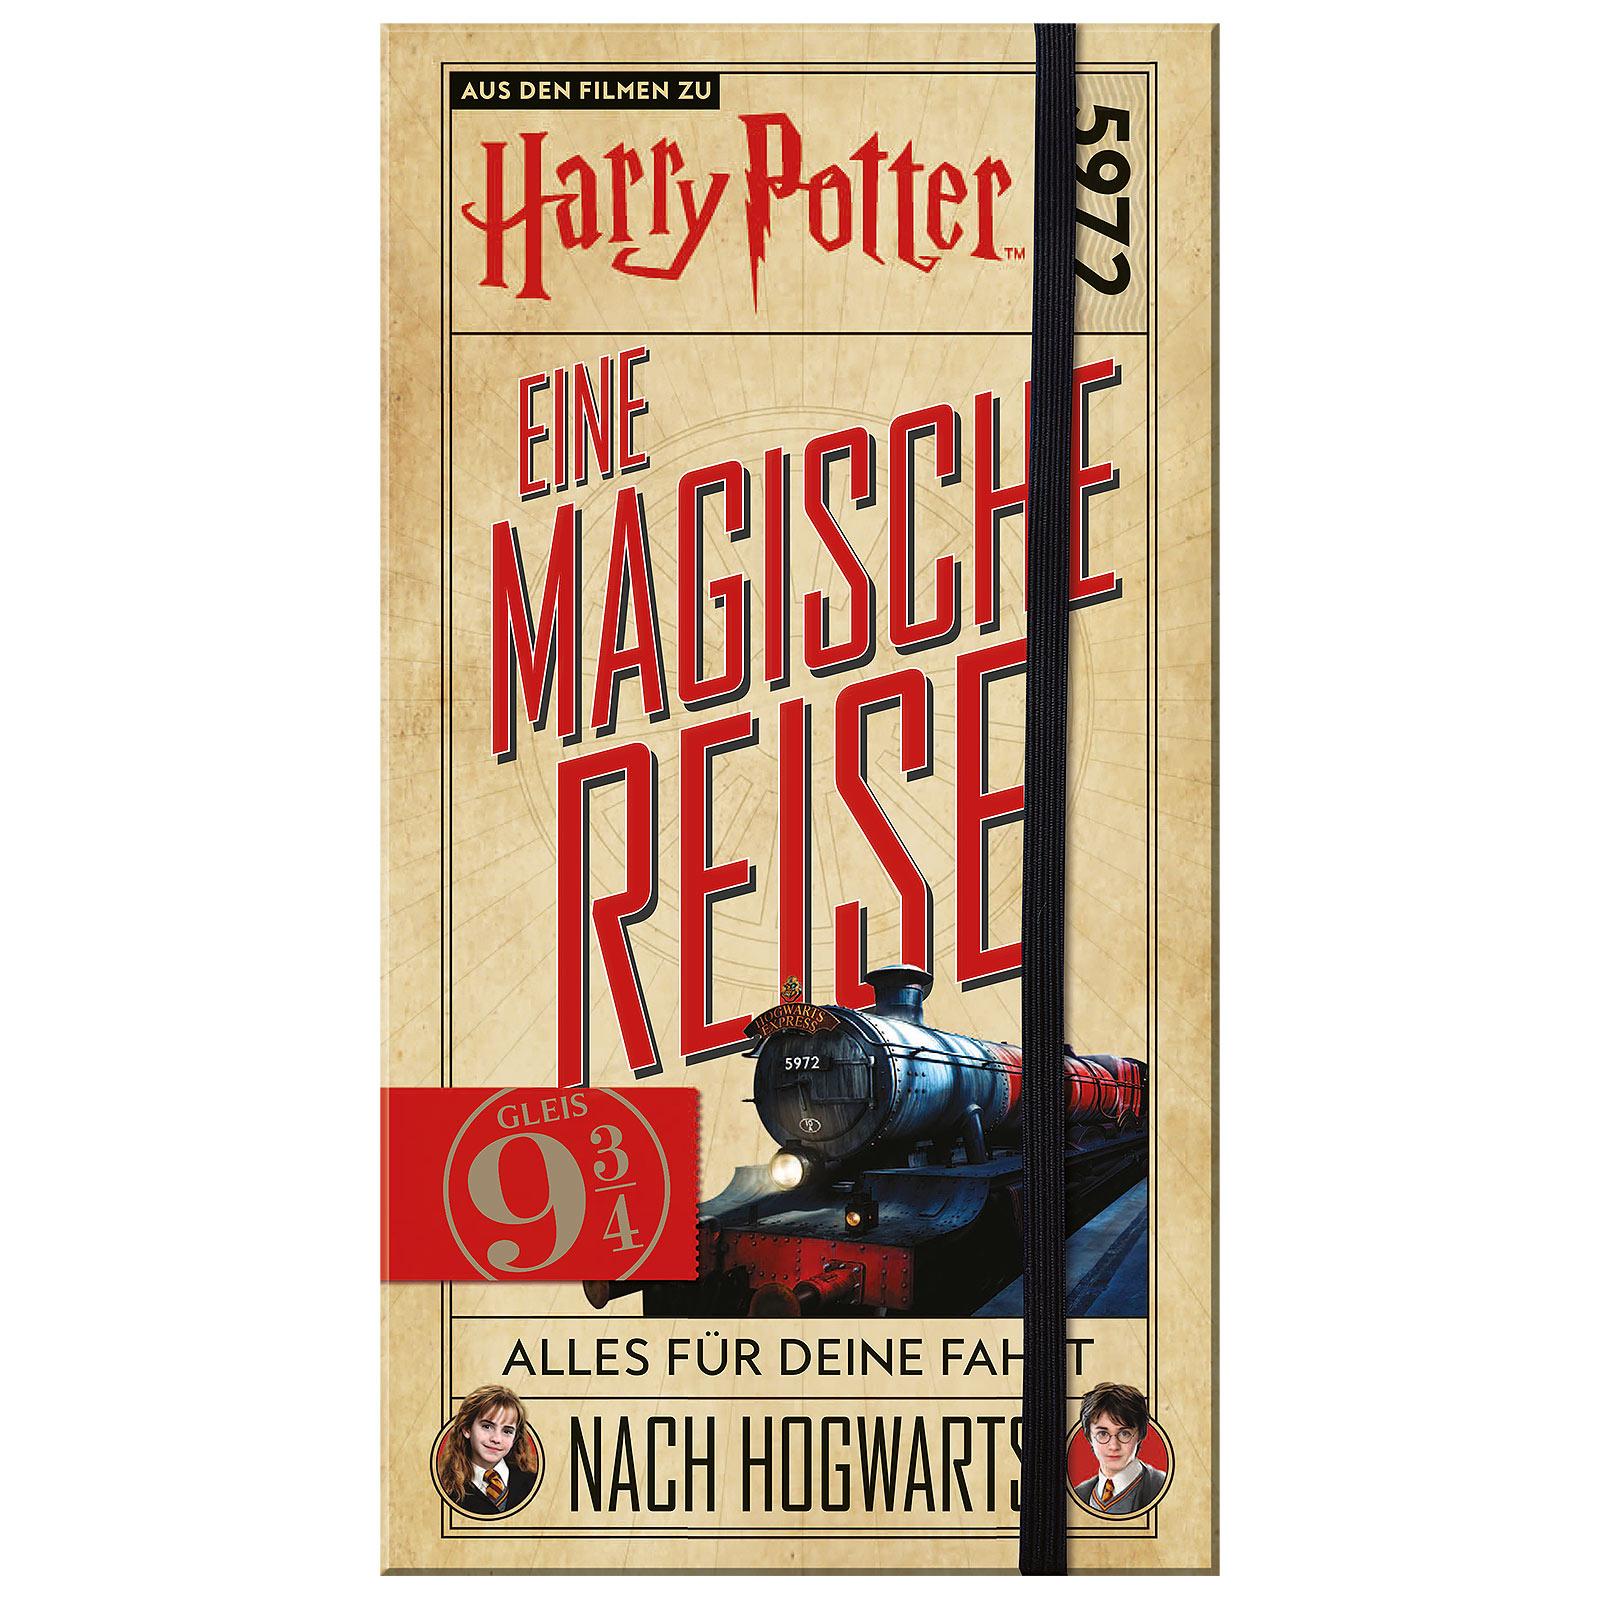 Harry Potter - Eine magische Reise